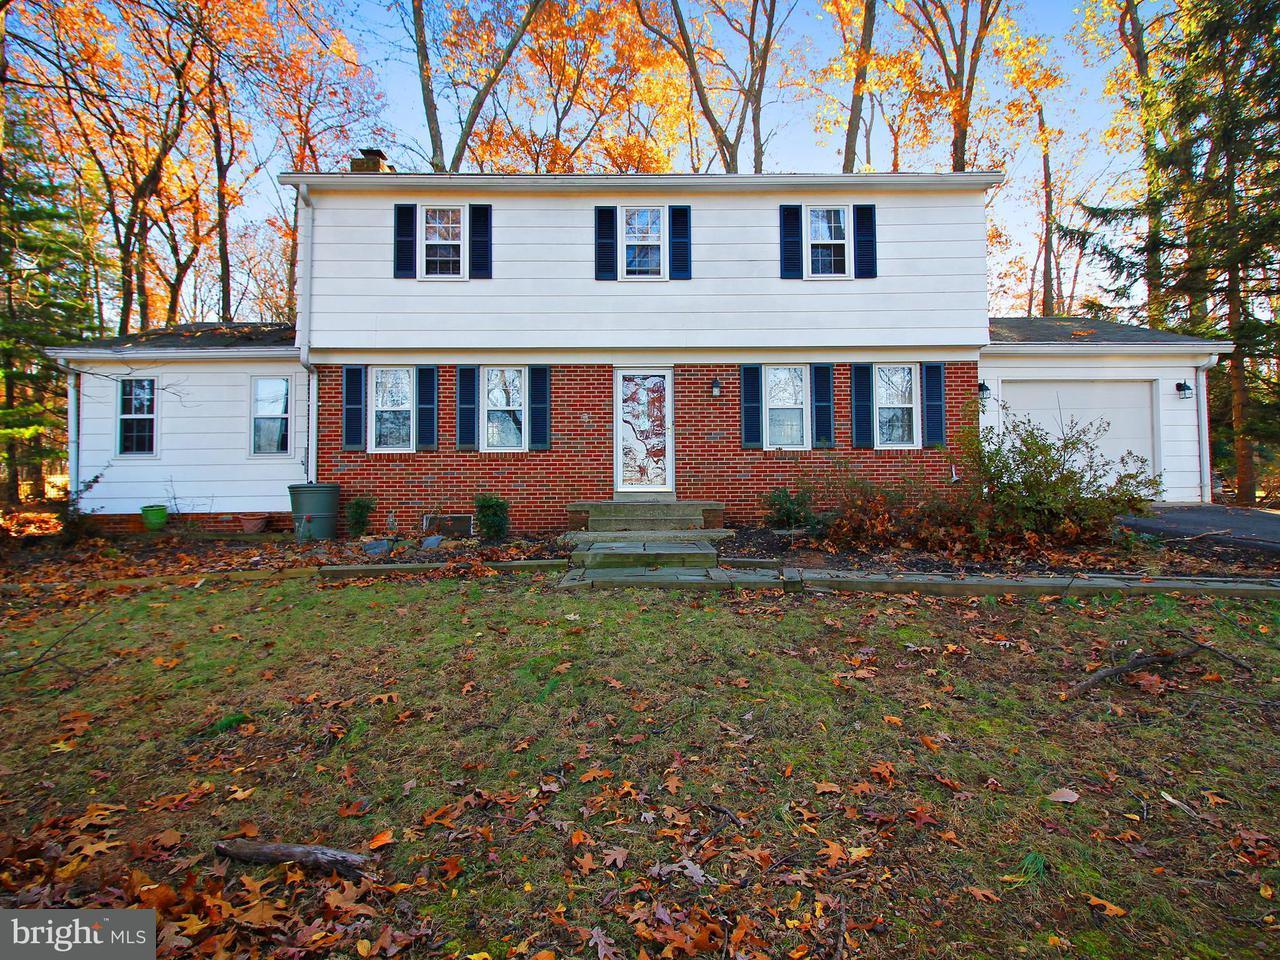 独户住宅 为 销售 在 18909 Muncaster Road 18909 Muncaster Road Derwood, 马里兰州 20855 美国